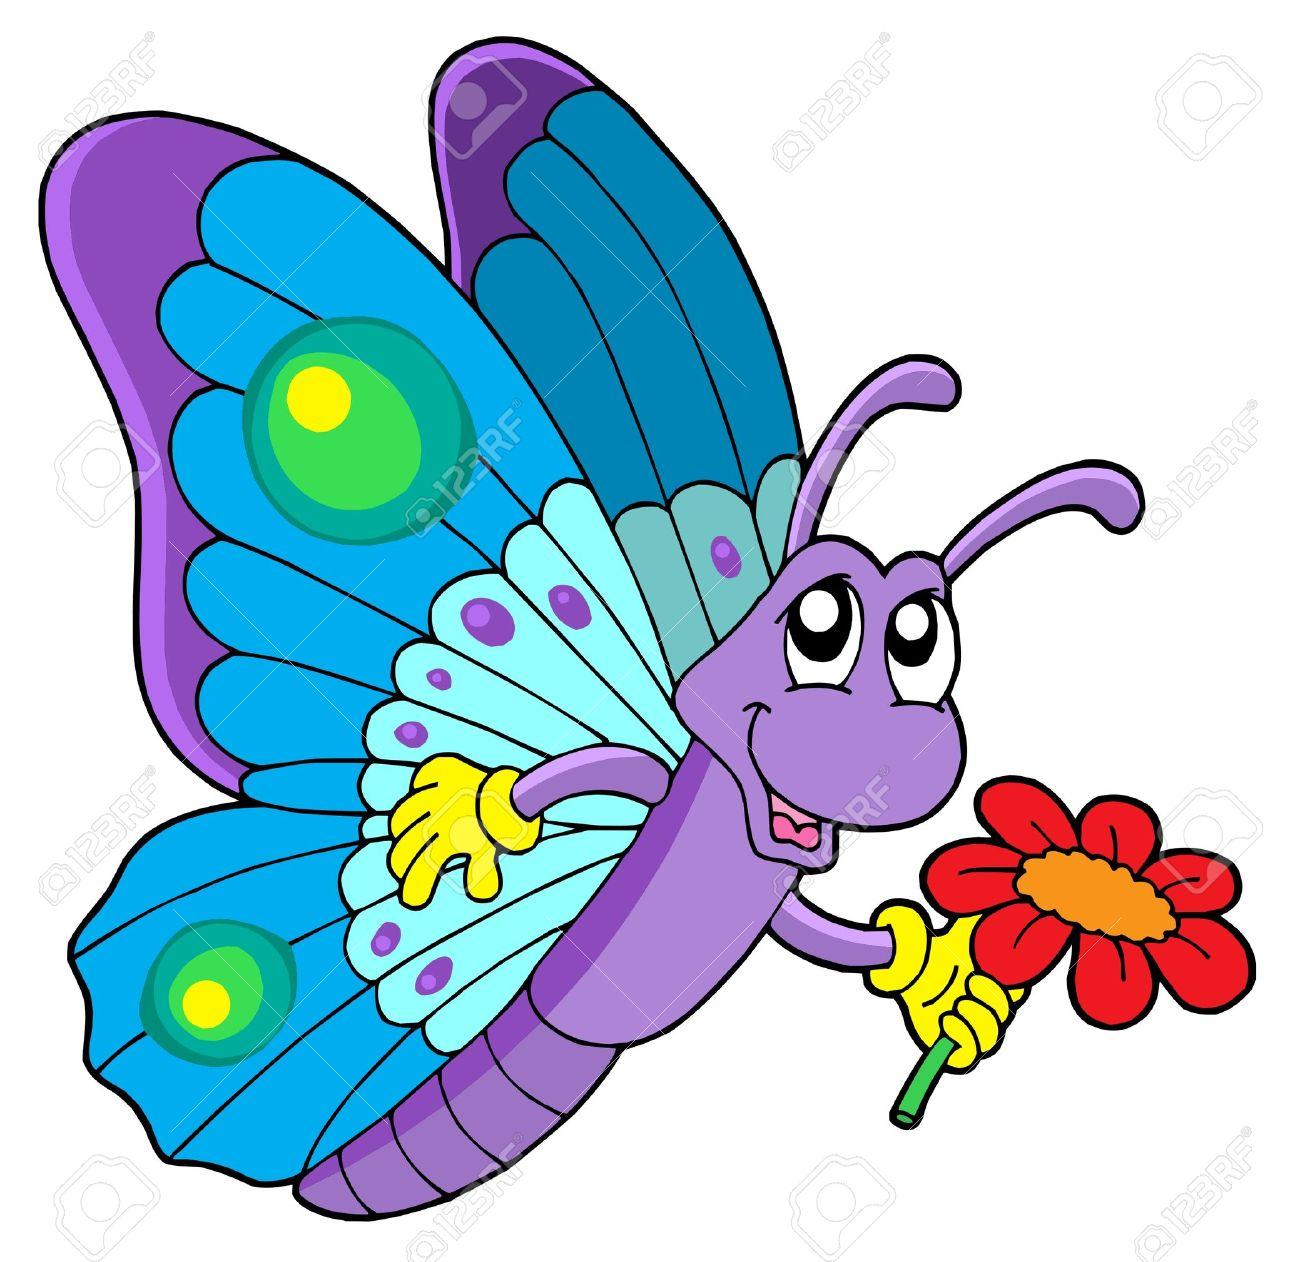 Znalezione obrazy dla zapytania motyl kolorowy rysunek